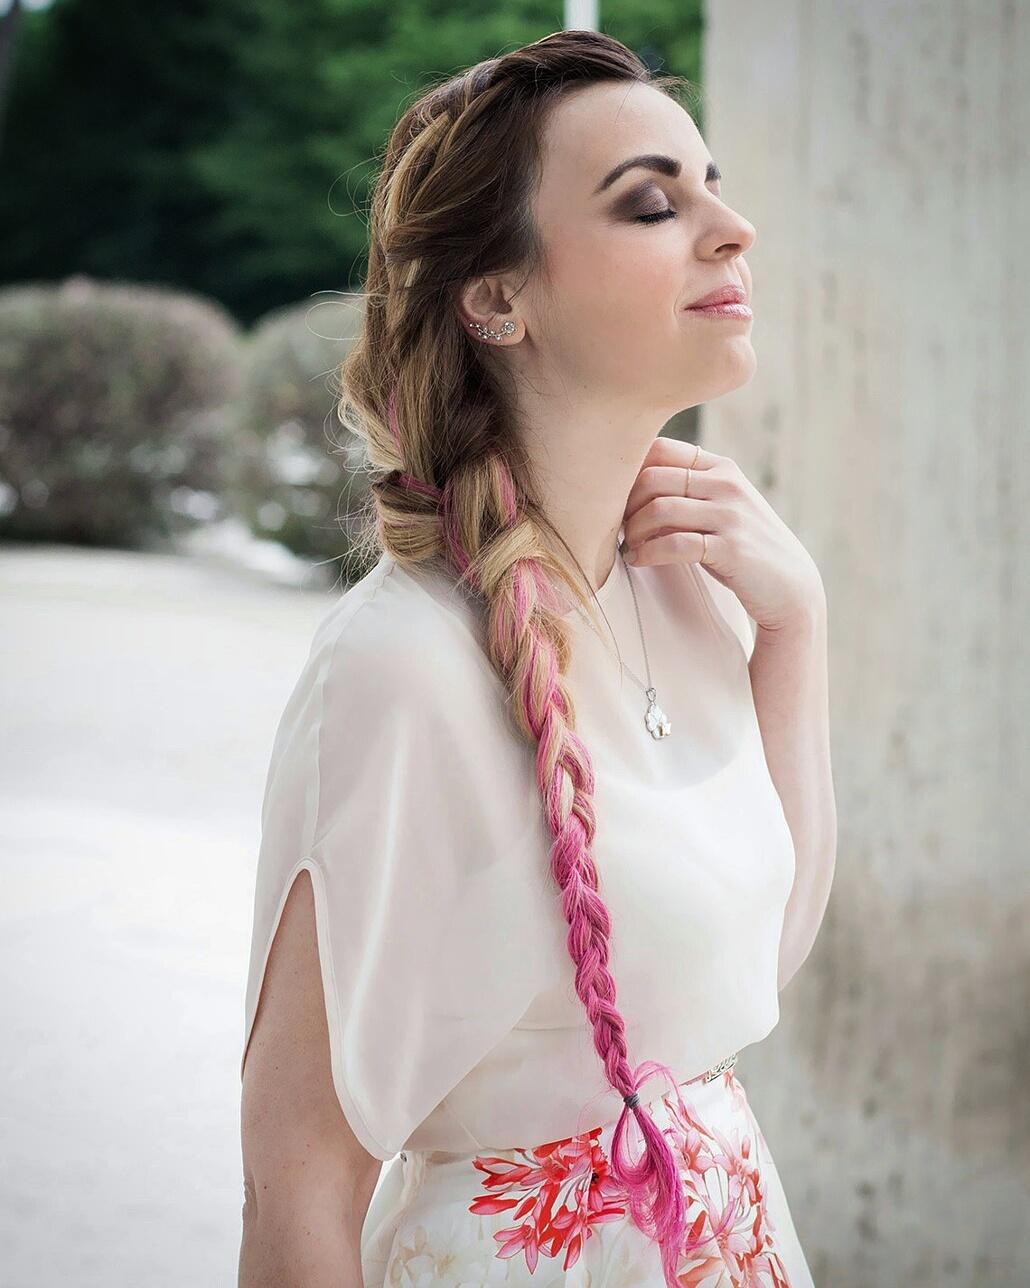 come_vestirsi_per_una_cerimonia_dressing_and_toppings_20